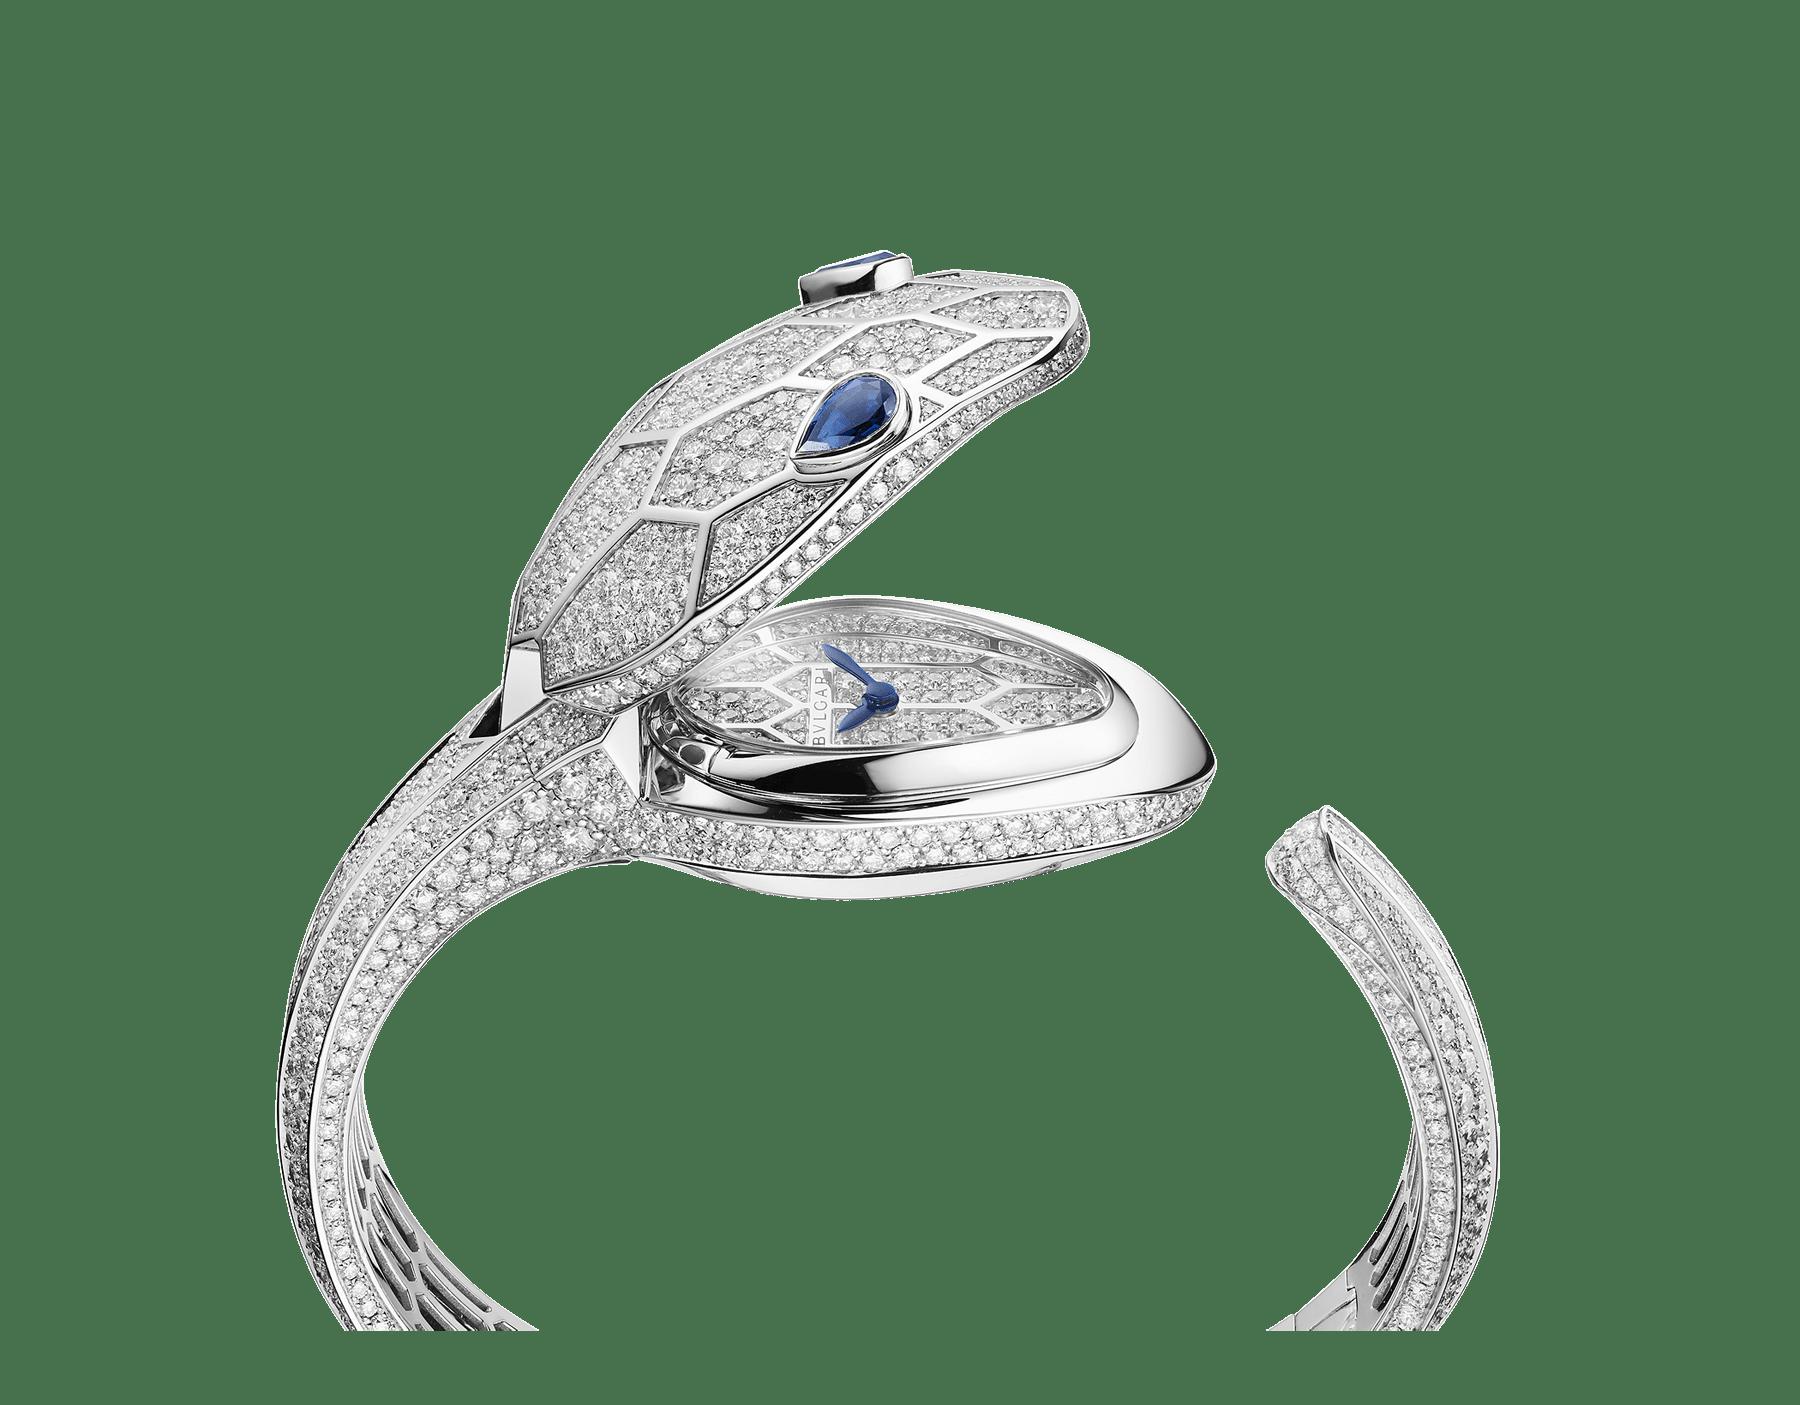 ساعة سيربنتي ميستريوزي سيكرت، علبة الساعة وسوارها الصلب من الذهب الأبيض عيار 18 قيراطاً وكلاهما مرصع بأحجار ألماس بريلينت مستديرة، ميناء مرصع بالكامل بالألماس المرصوف وعينين من أحجار الزفير الإجاصية الشكل. قياس صغير 102752 image 3